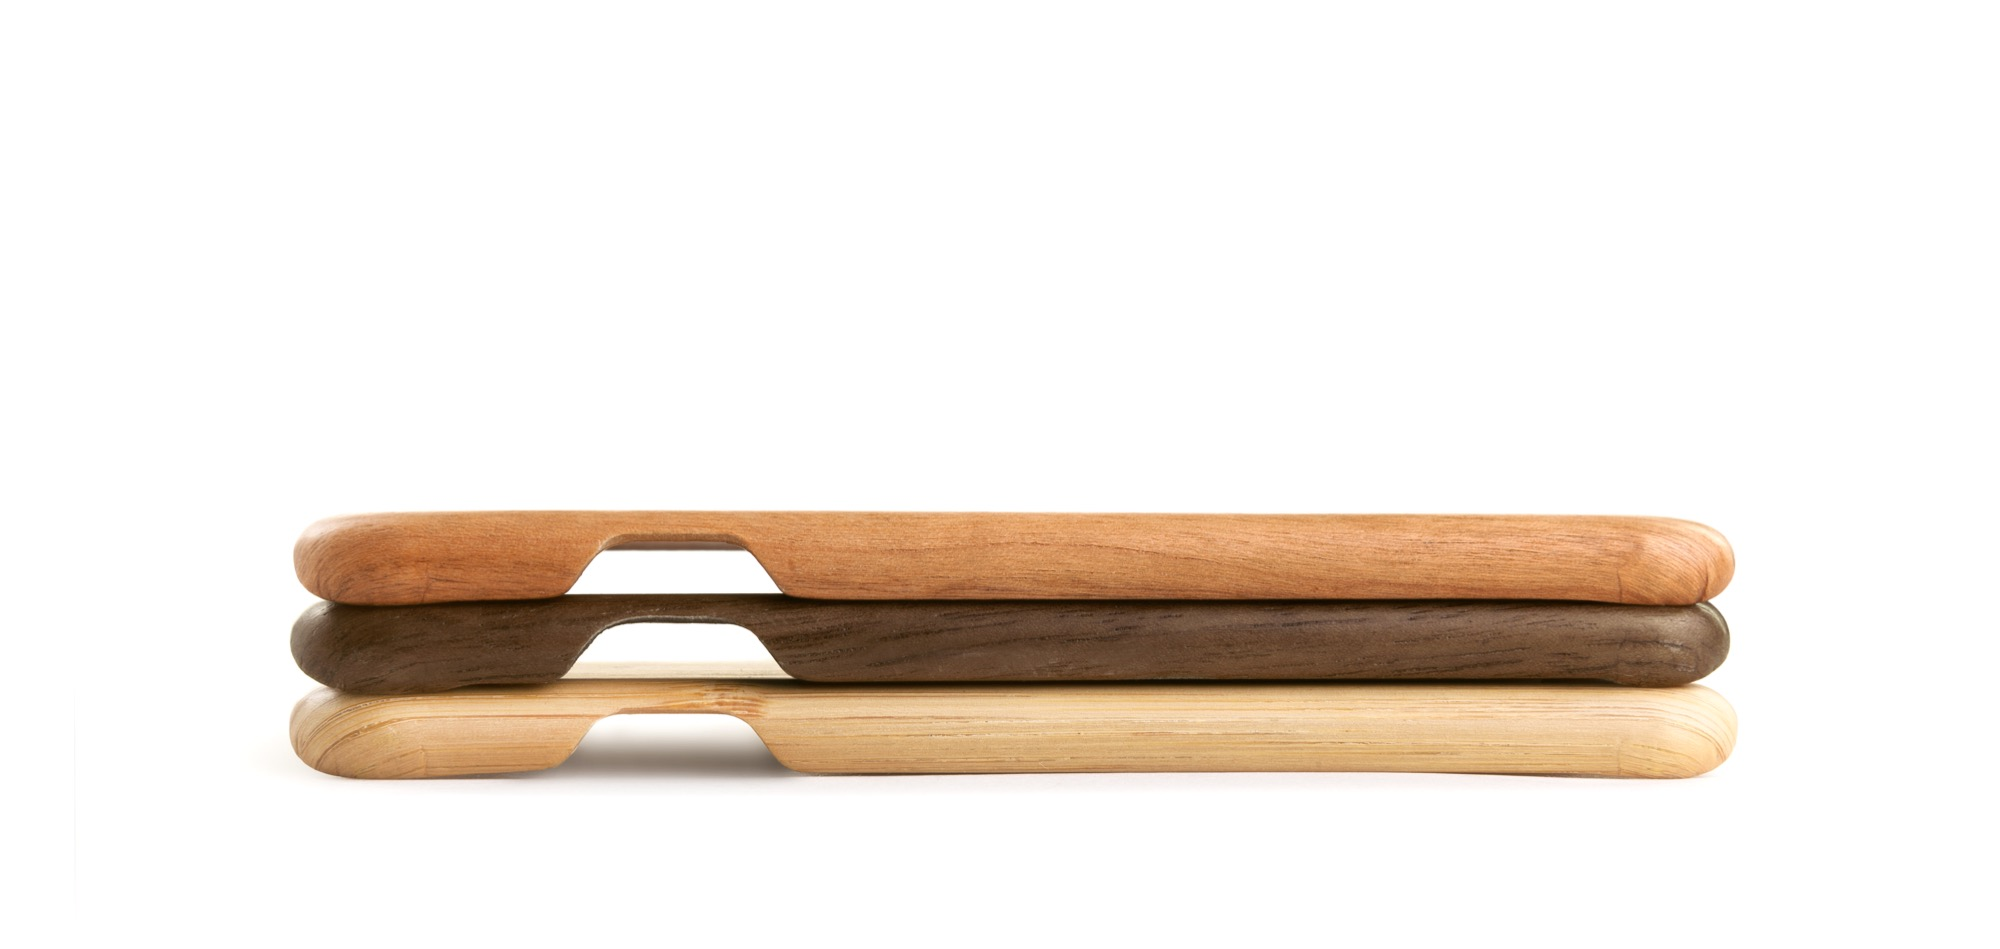 woodcessories-wooden-iphone-7-case-holzcase-holzhuelle-schutz-plus-wood-duenn-leicht-schutzhuelle-schutzfolie6